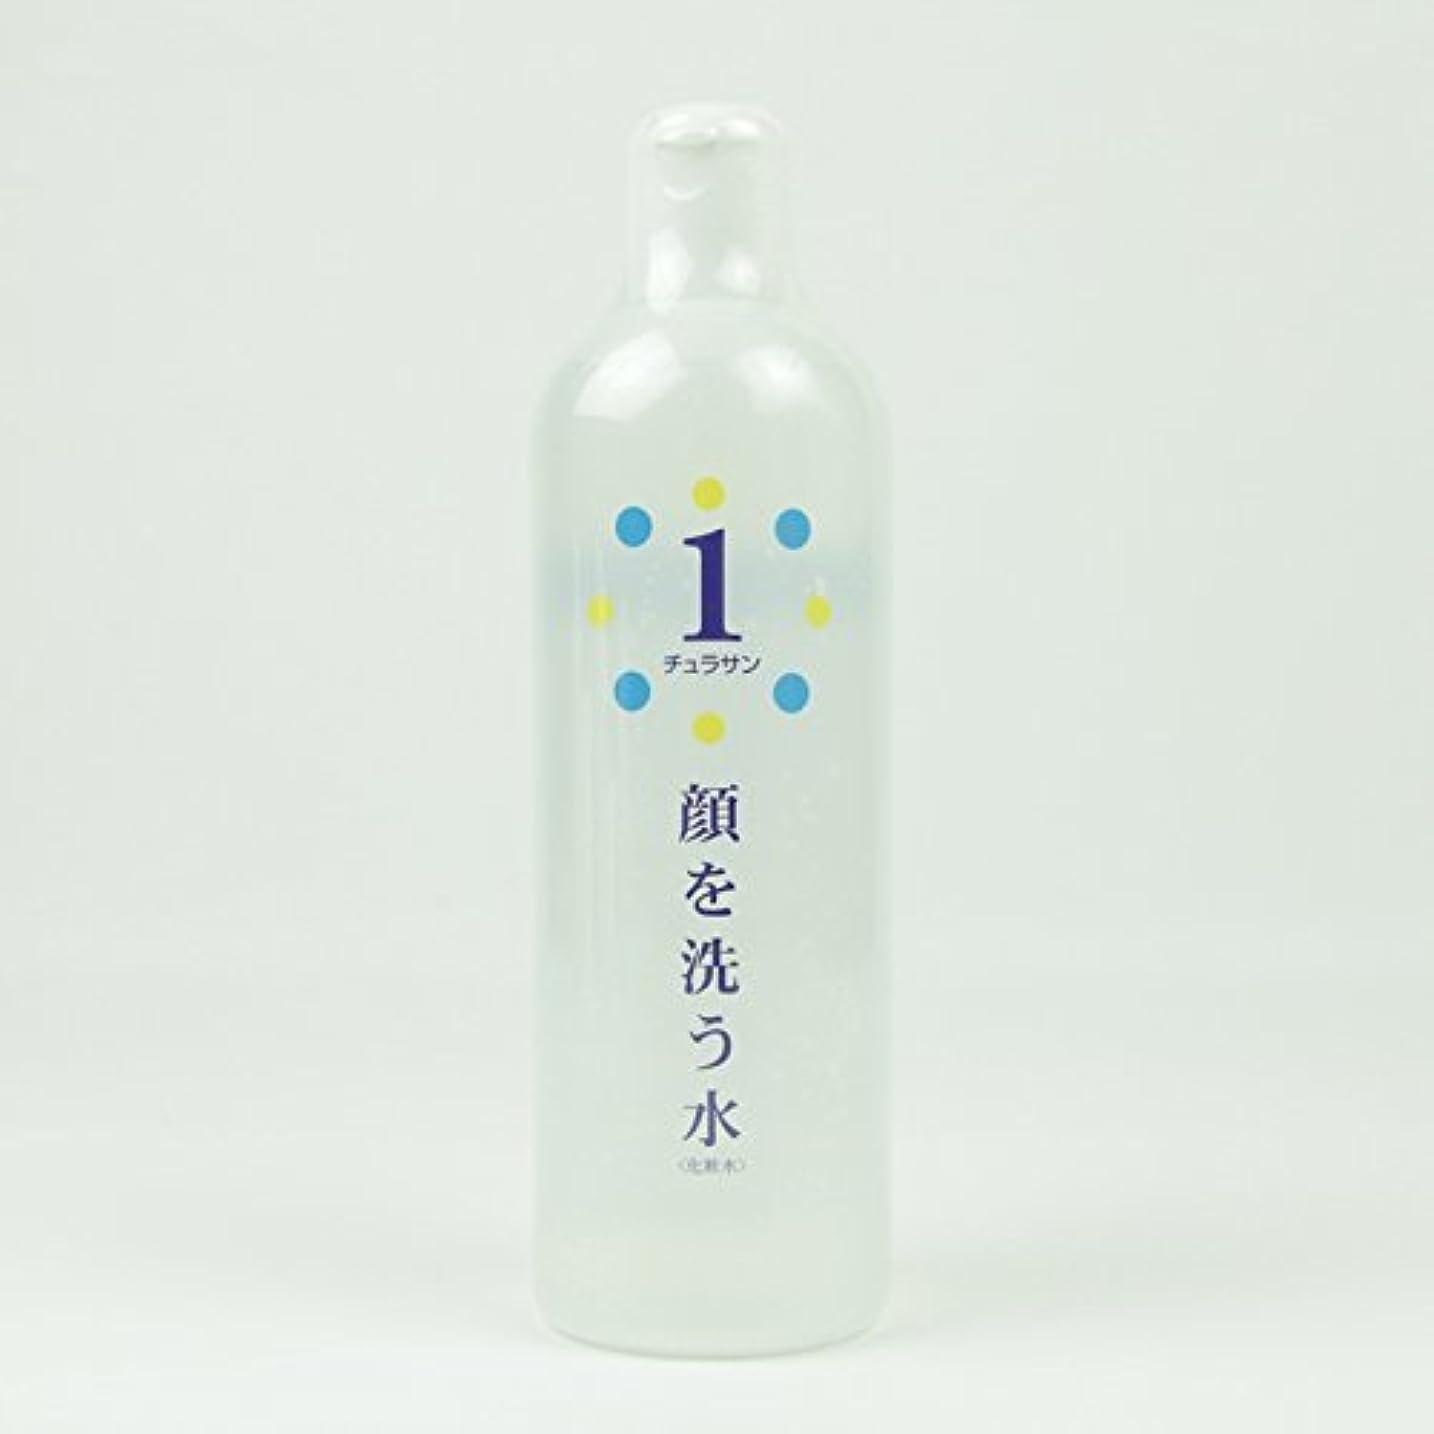 機知に富んだ止まるピストンチュラサン1 【顔を洗う水】 500ml